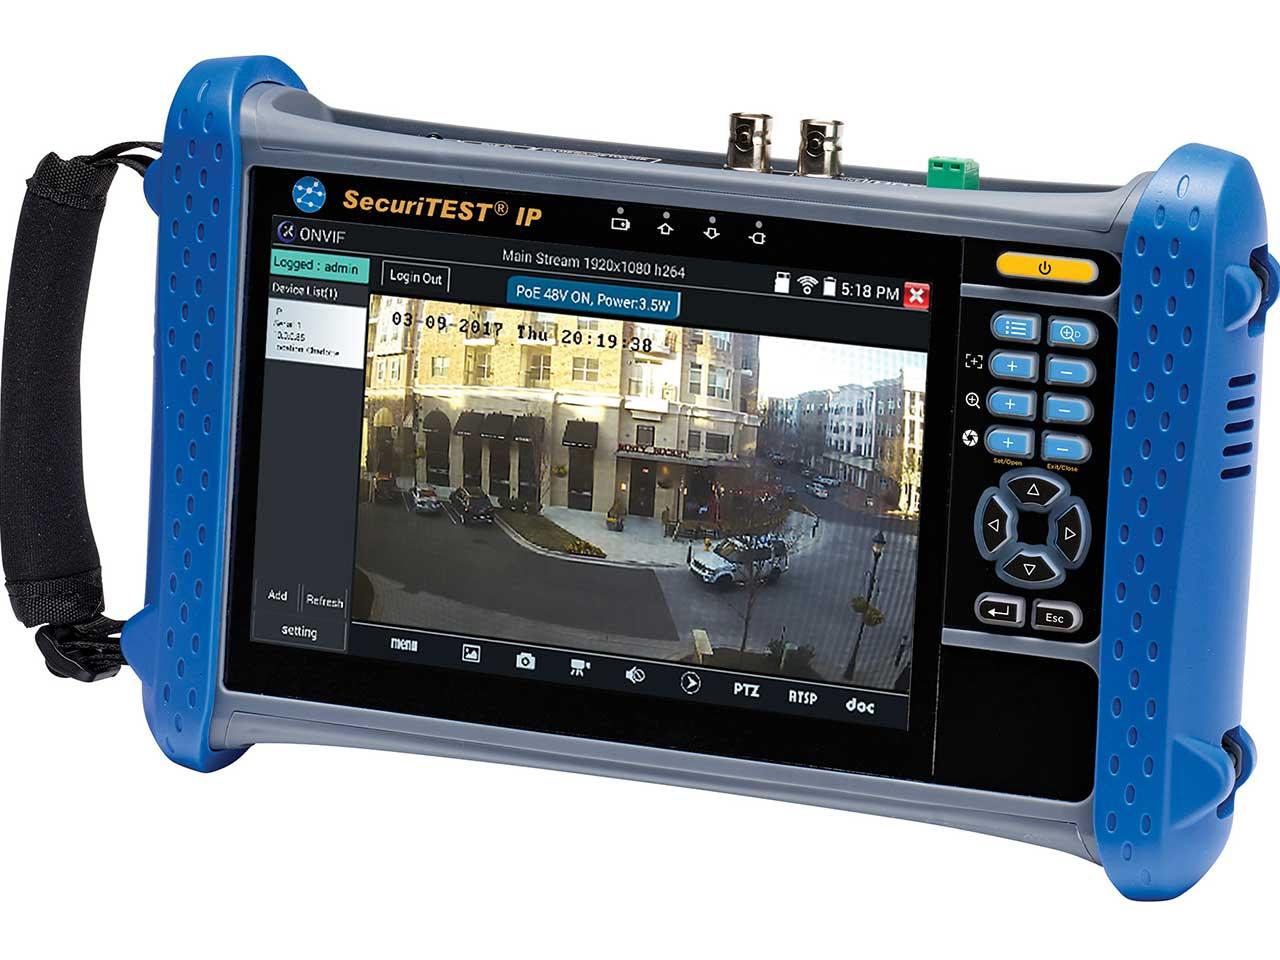 CCTV Tester - SecuriTEST IP - IDEAL Networks